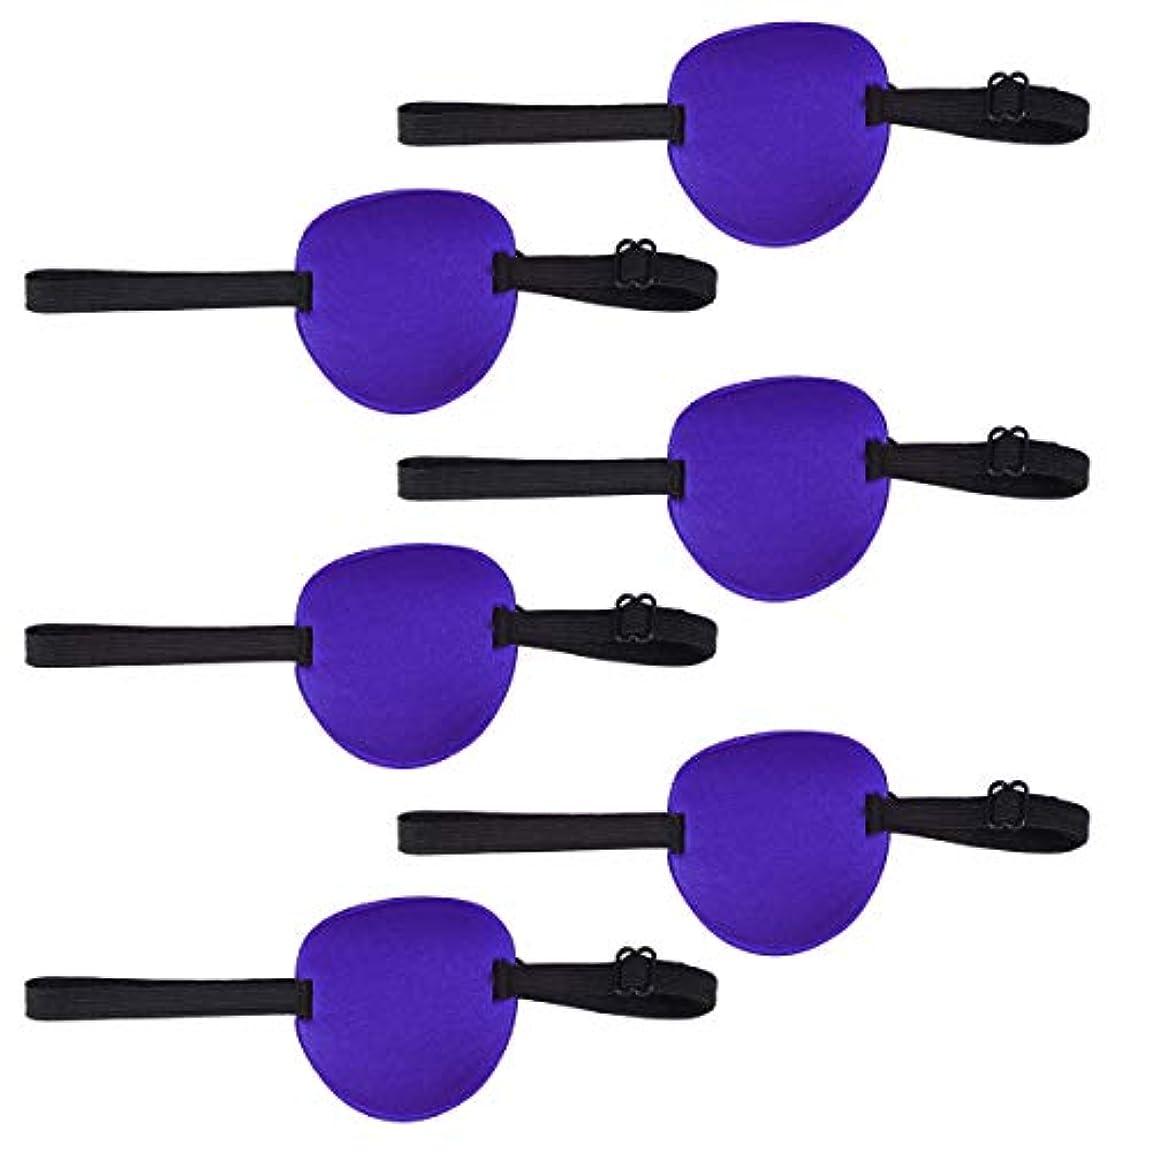 報奨金遅滞ペックHealifty 弱視の目のパッチ大人と子供のための調節可能な弾性バックル付き6個の片目スポンジアイパッチ(ブルー)